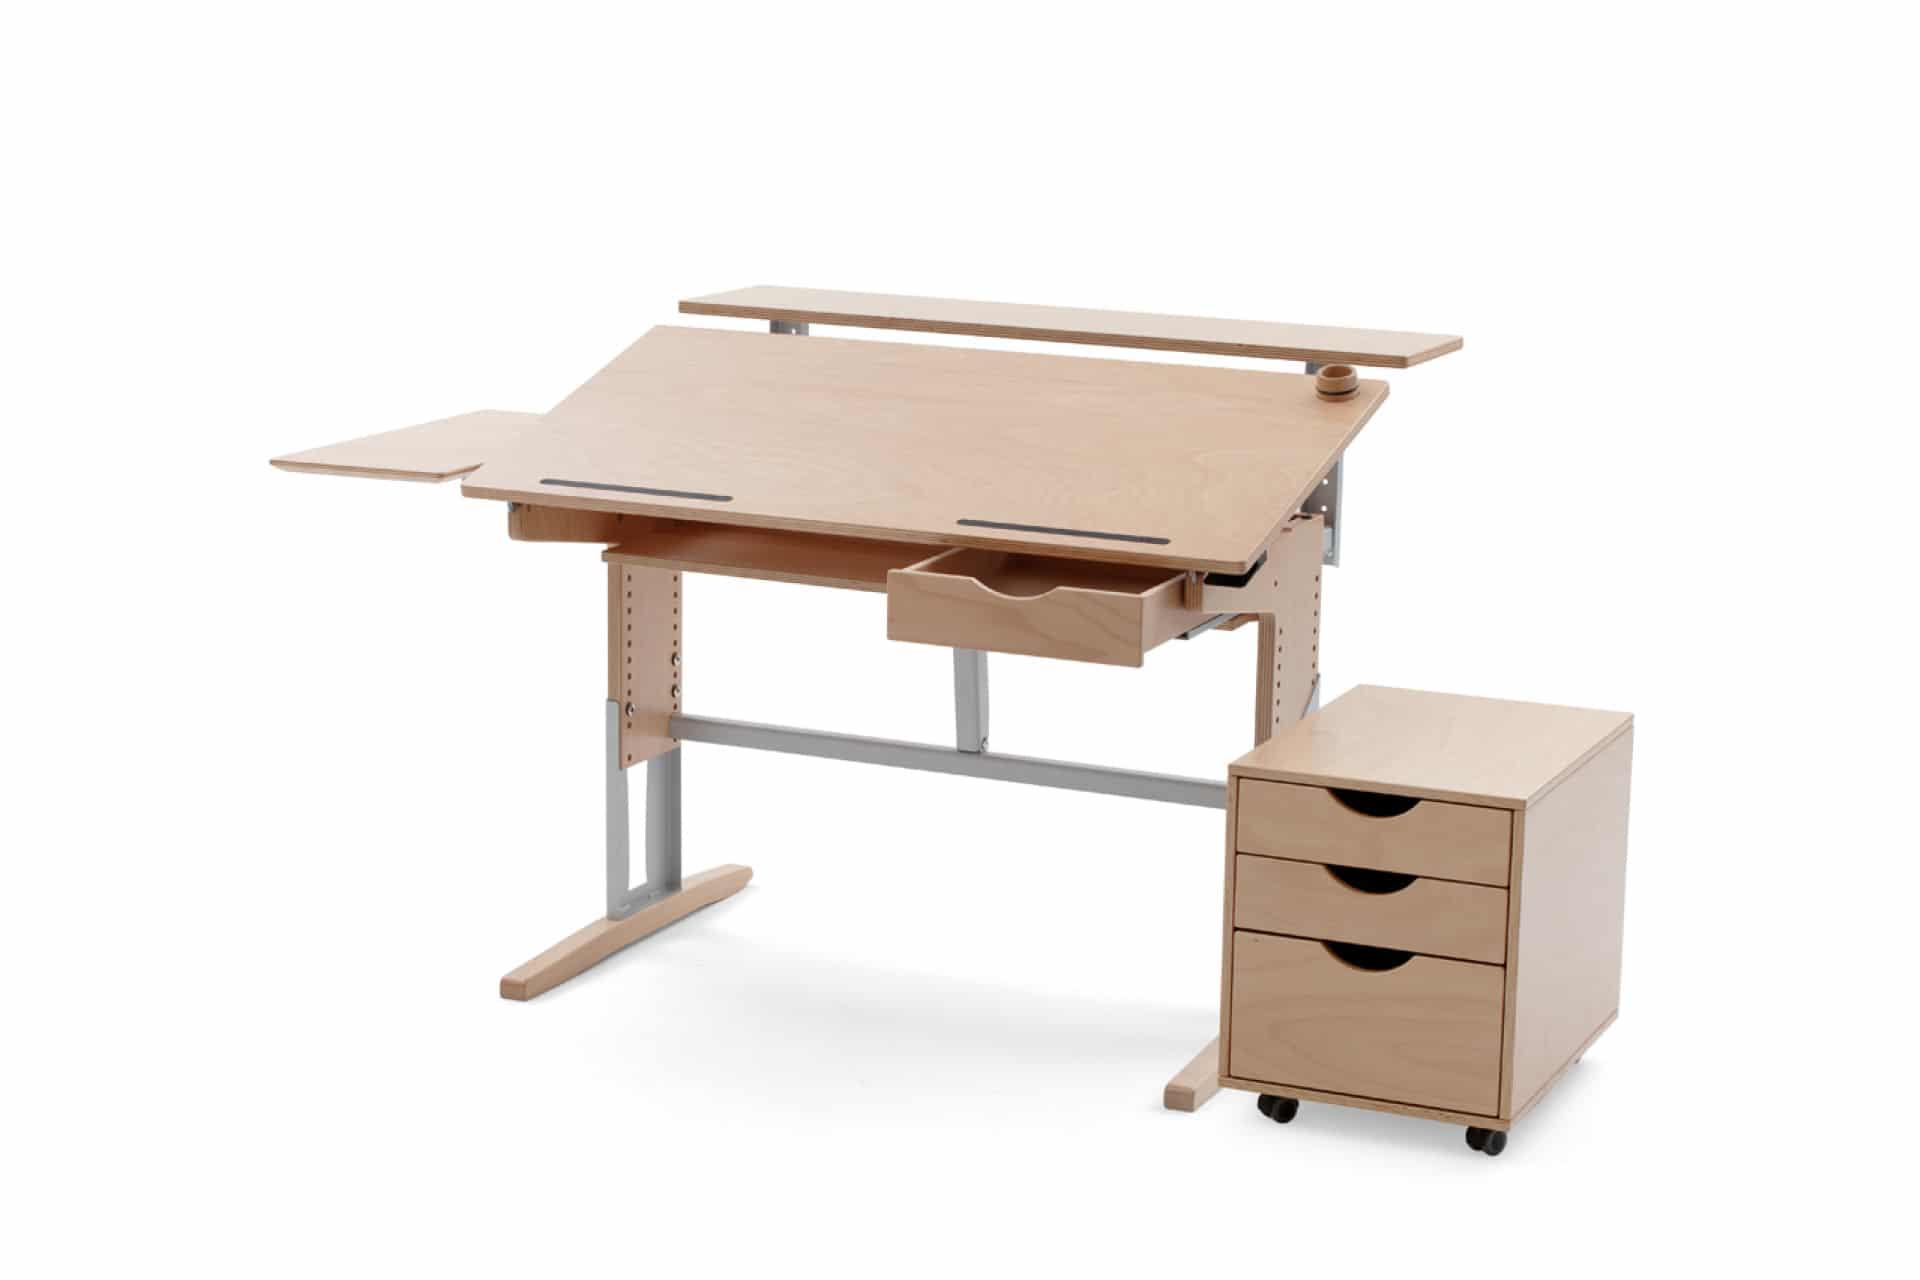 kinder und jugendschreibtisch m17 kohler nat rlich einrichten naturholzm bel team 7. Black Bedroom Furniture Sets. Home Design Ideas